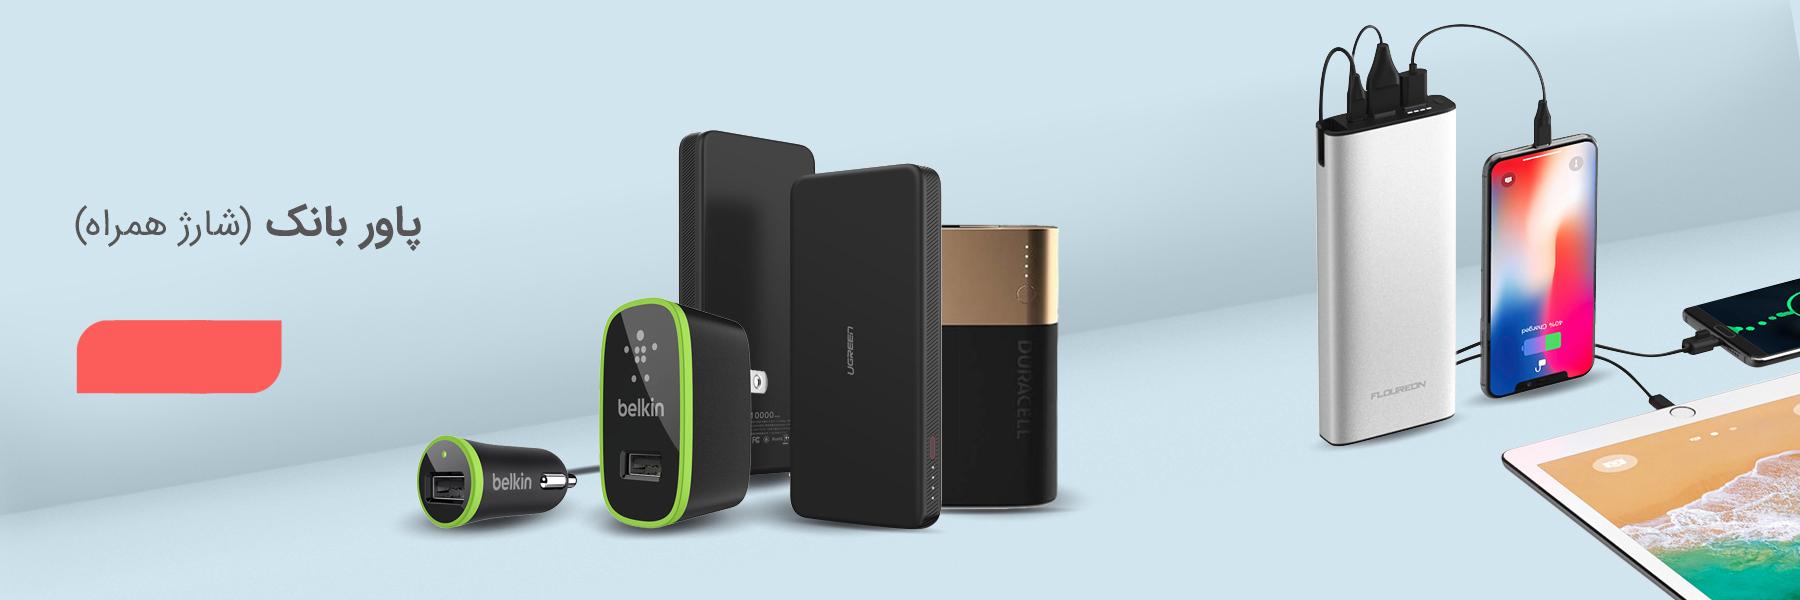 شارژر گوشی مبایل و پاوربانک، فروش آنلاین، فروشگاه اینترنتی آف تپ